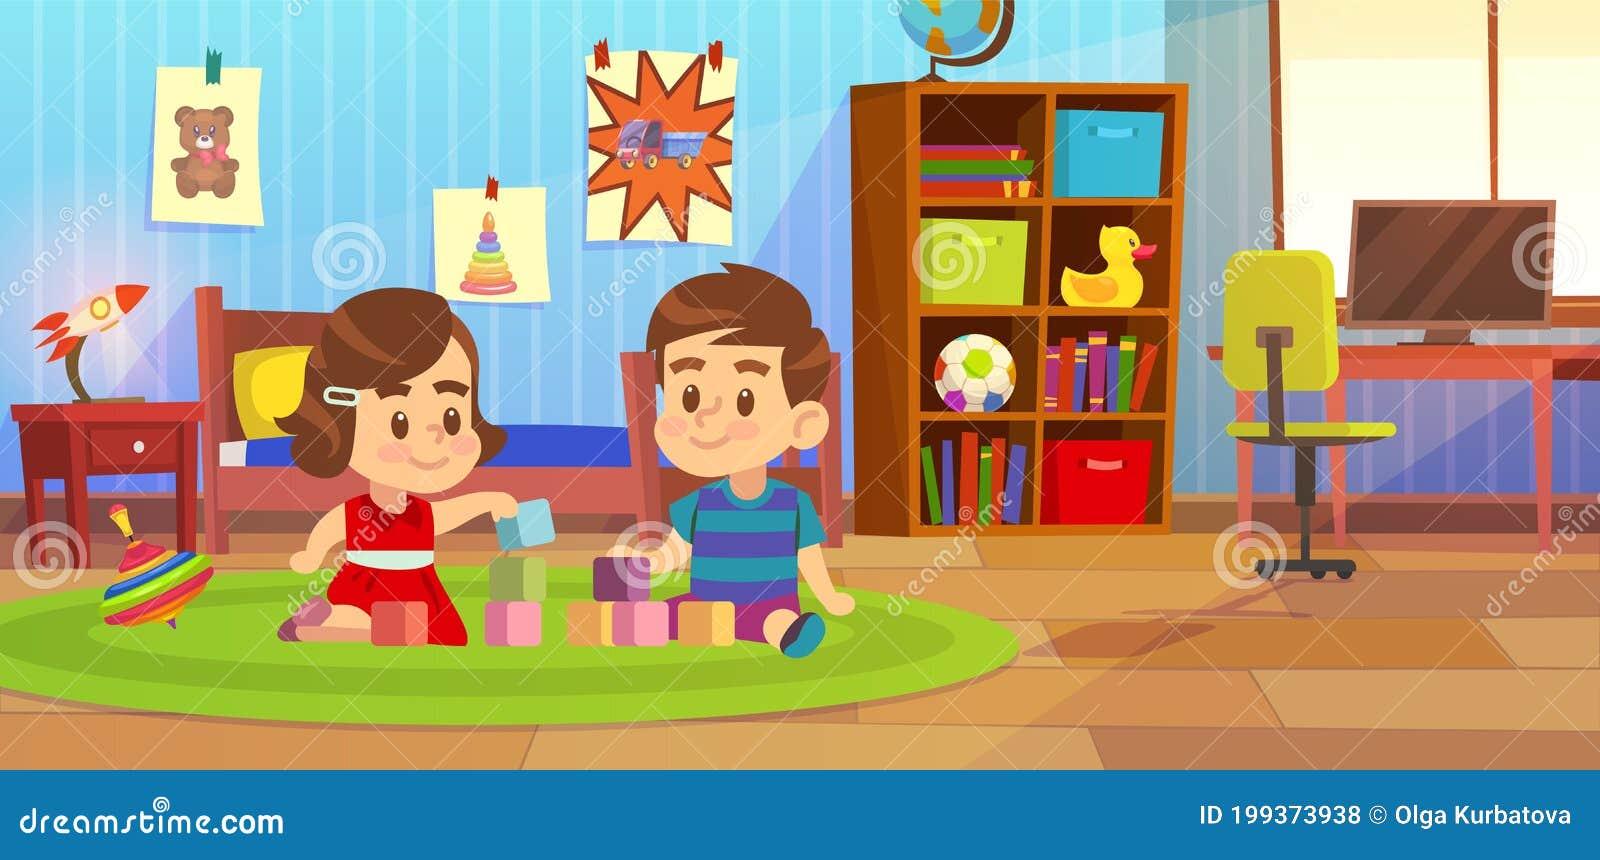 Bambini Che Giocano Un Asilo Illustrazioni Vettoriali E Clipart Stock 413 Illustrazioni Stock